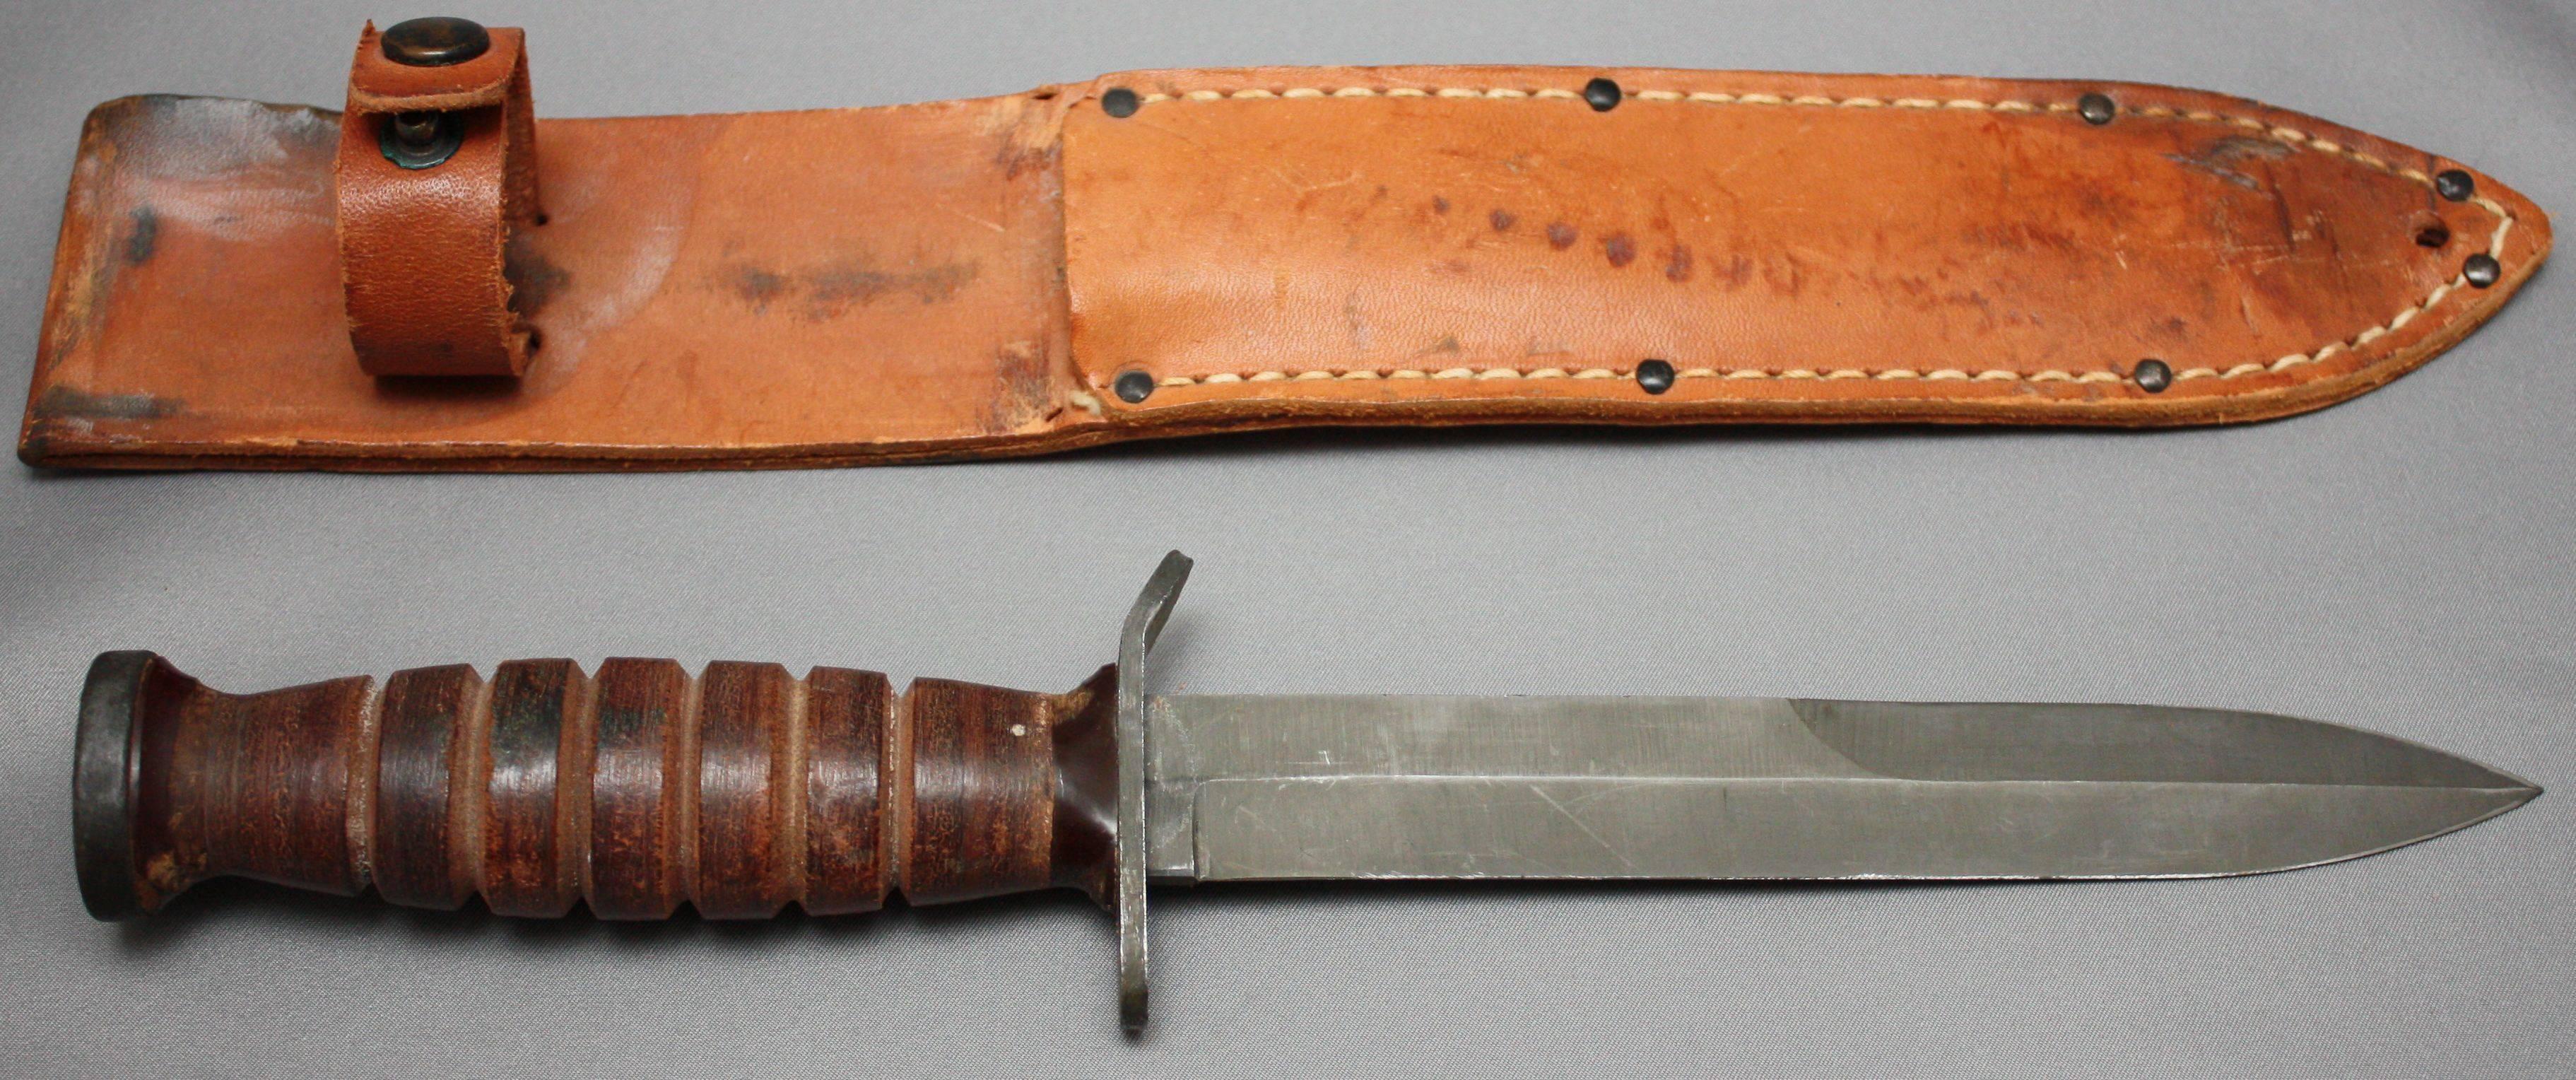 Траншейный нож М3 - Stone Forest